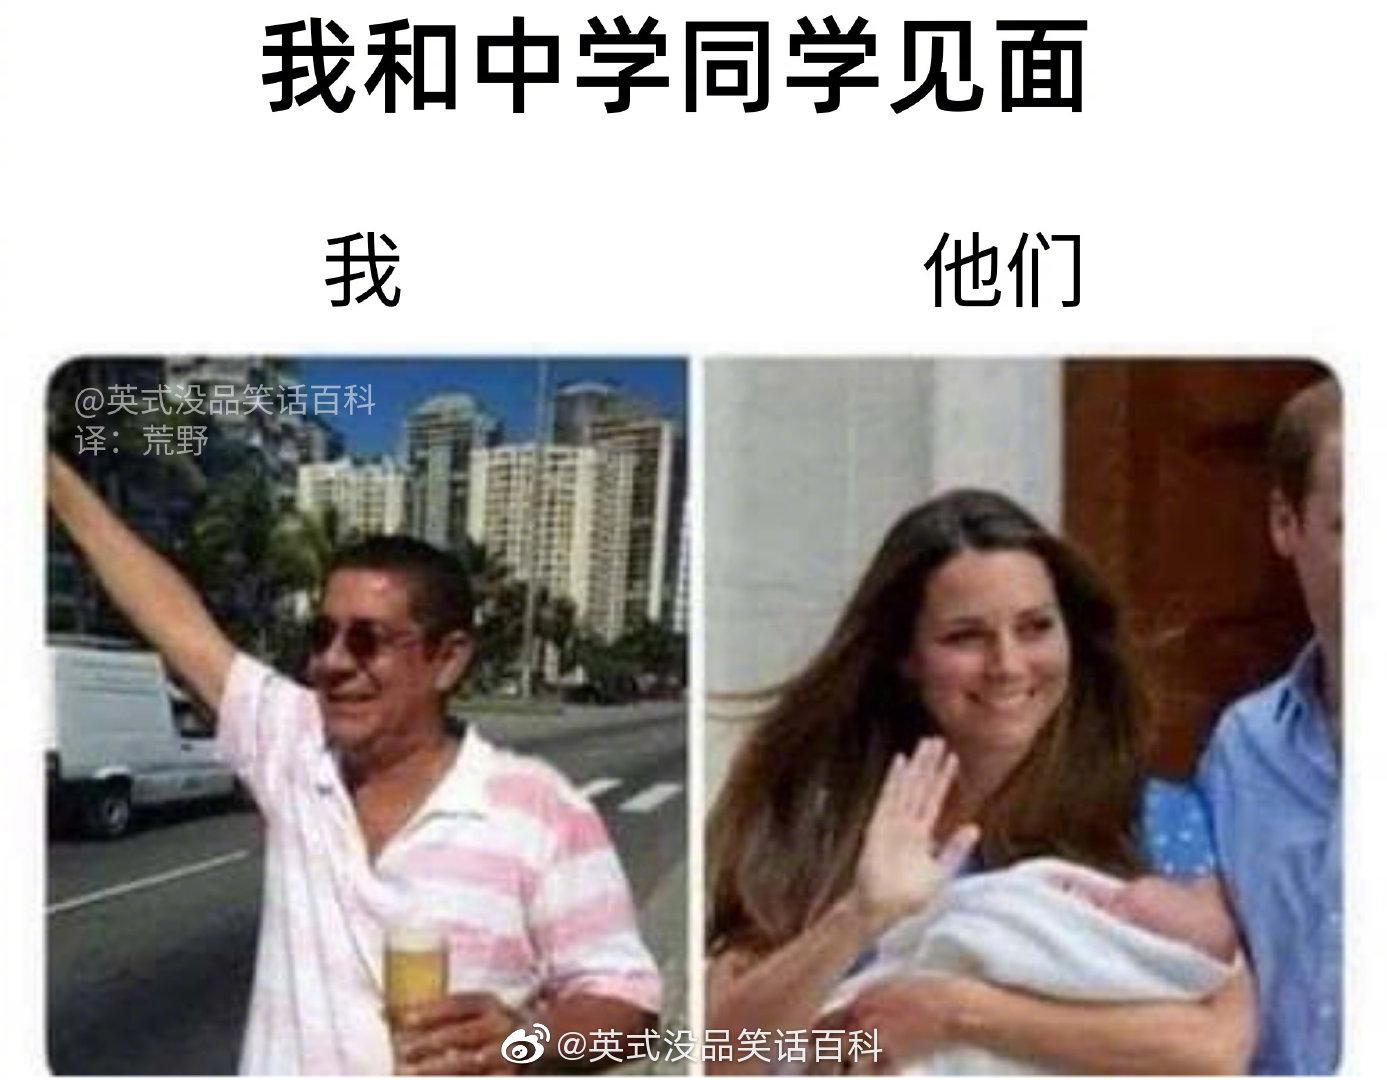 热门视频图片段子福利第84期:陕北民歌  福利社吧  图96